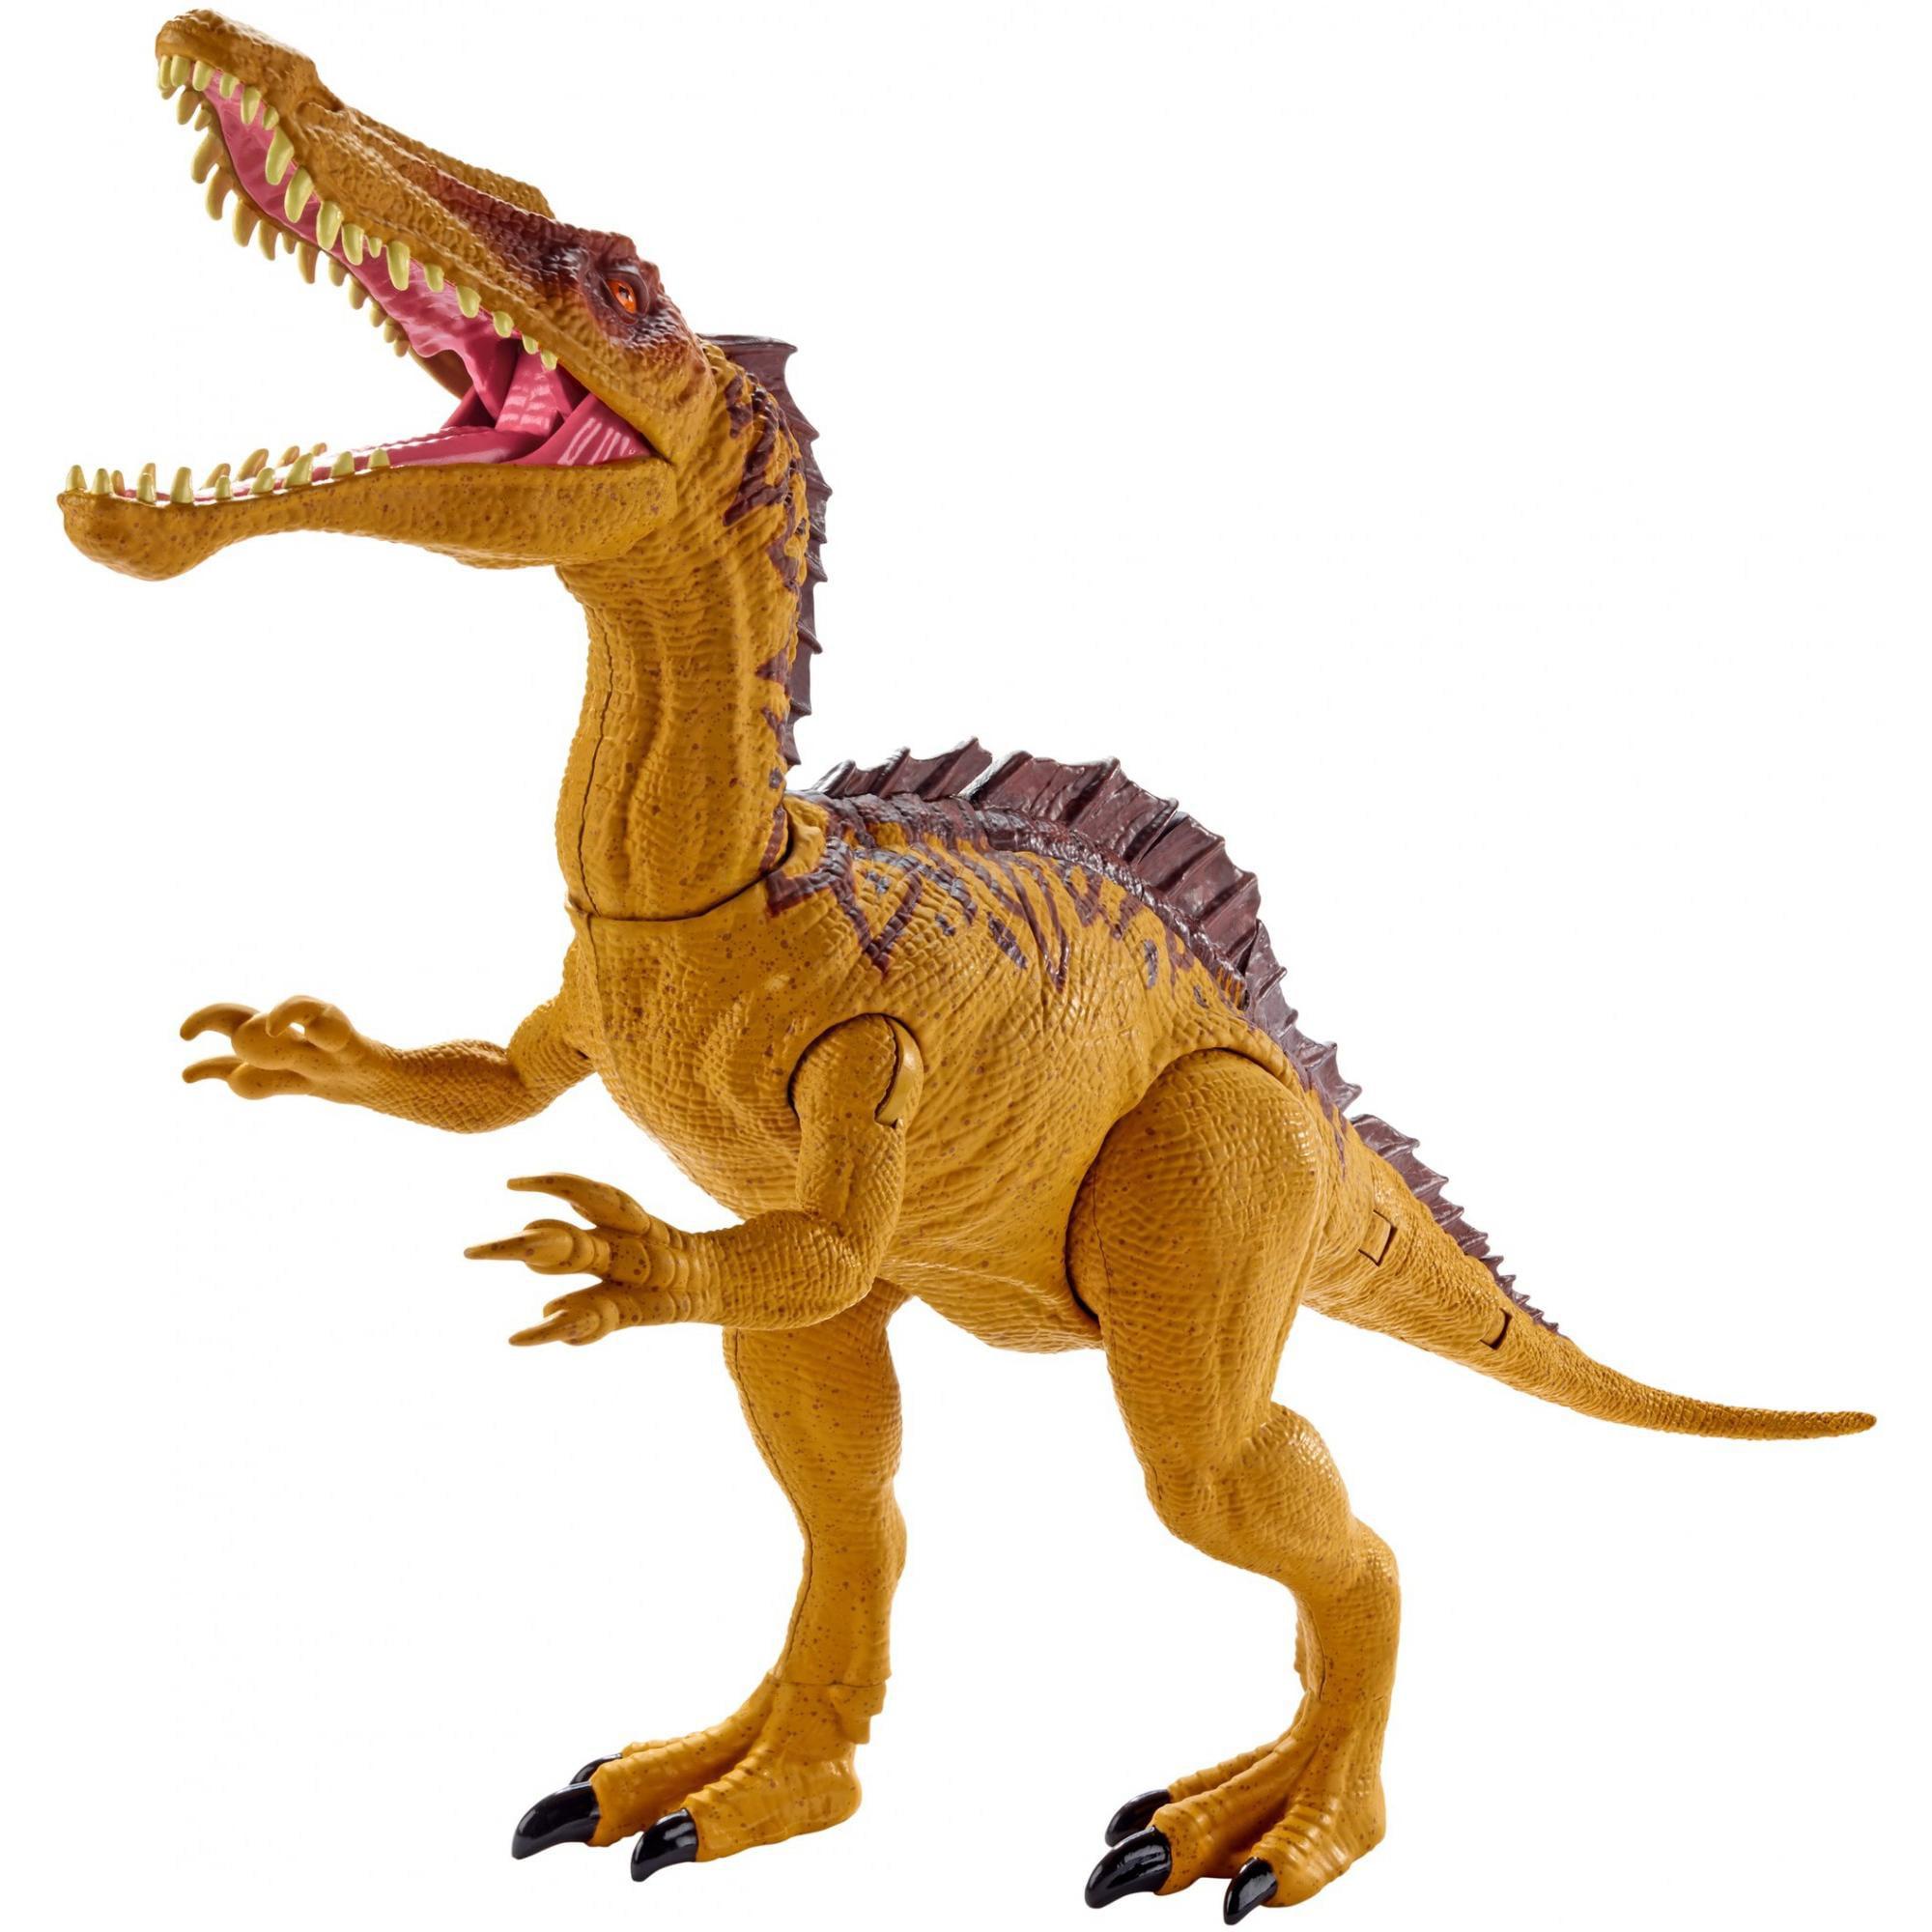 Jurassic World Mega Dual Attack Suchomimus Dinosaur Figure